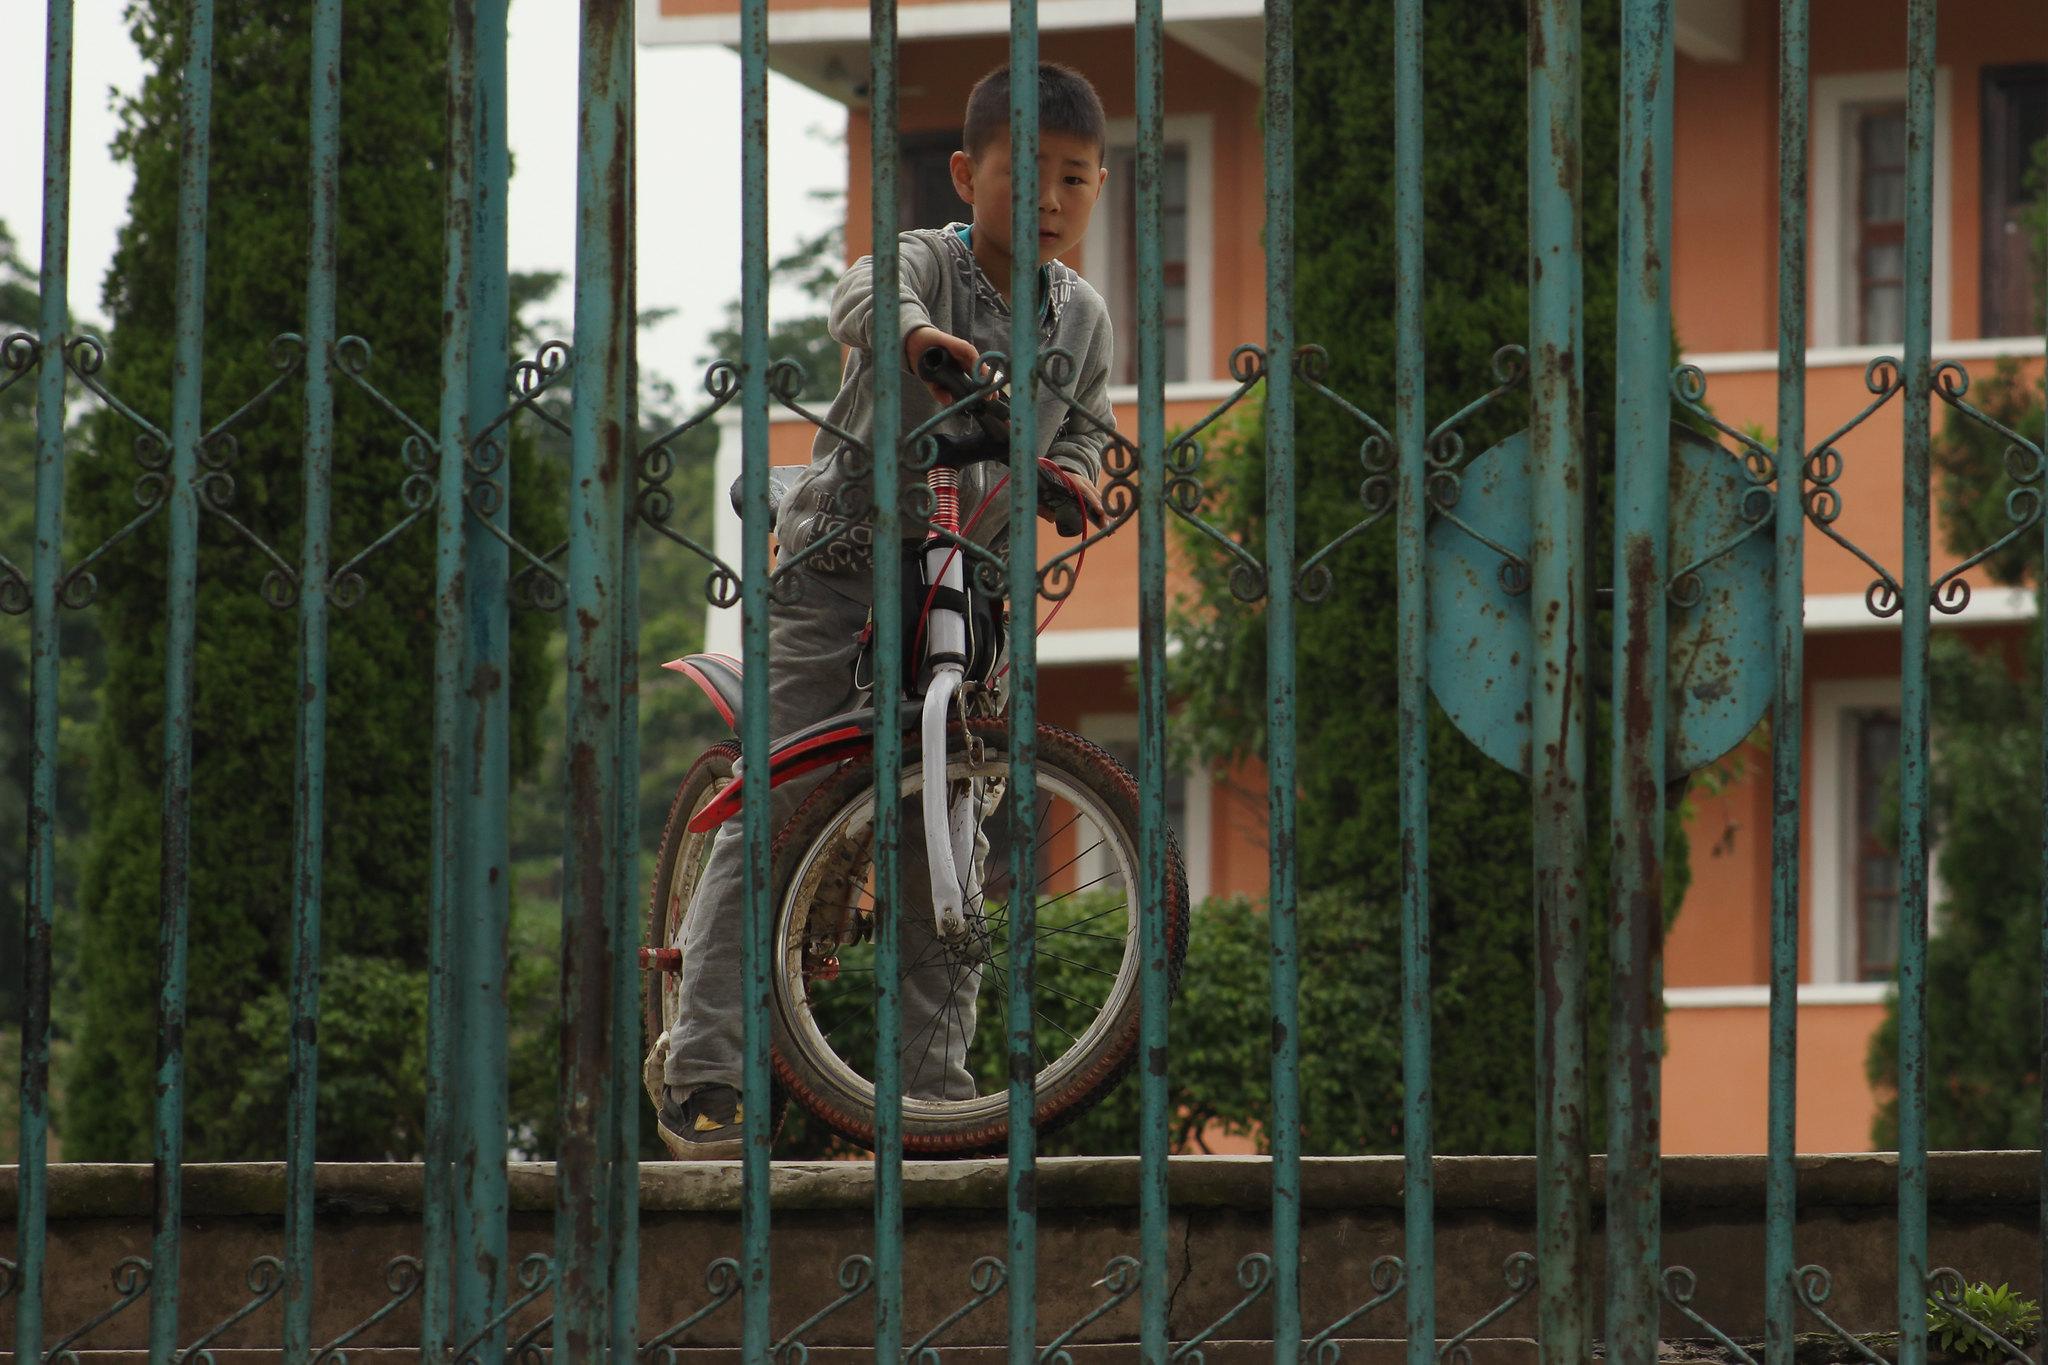 Biker Kid behind bars